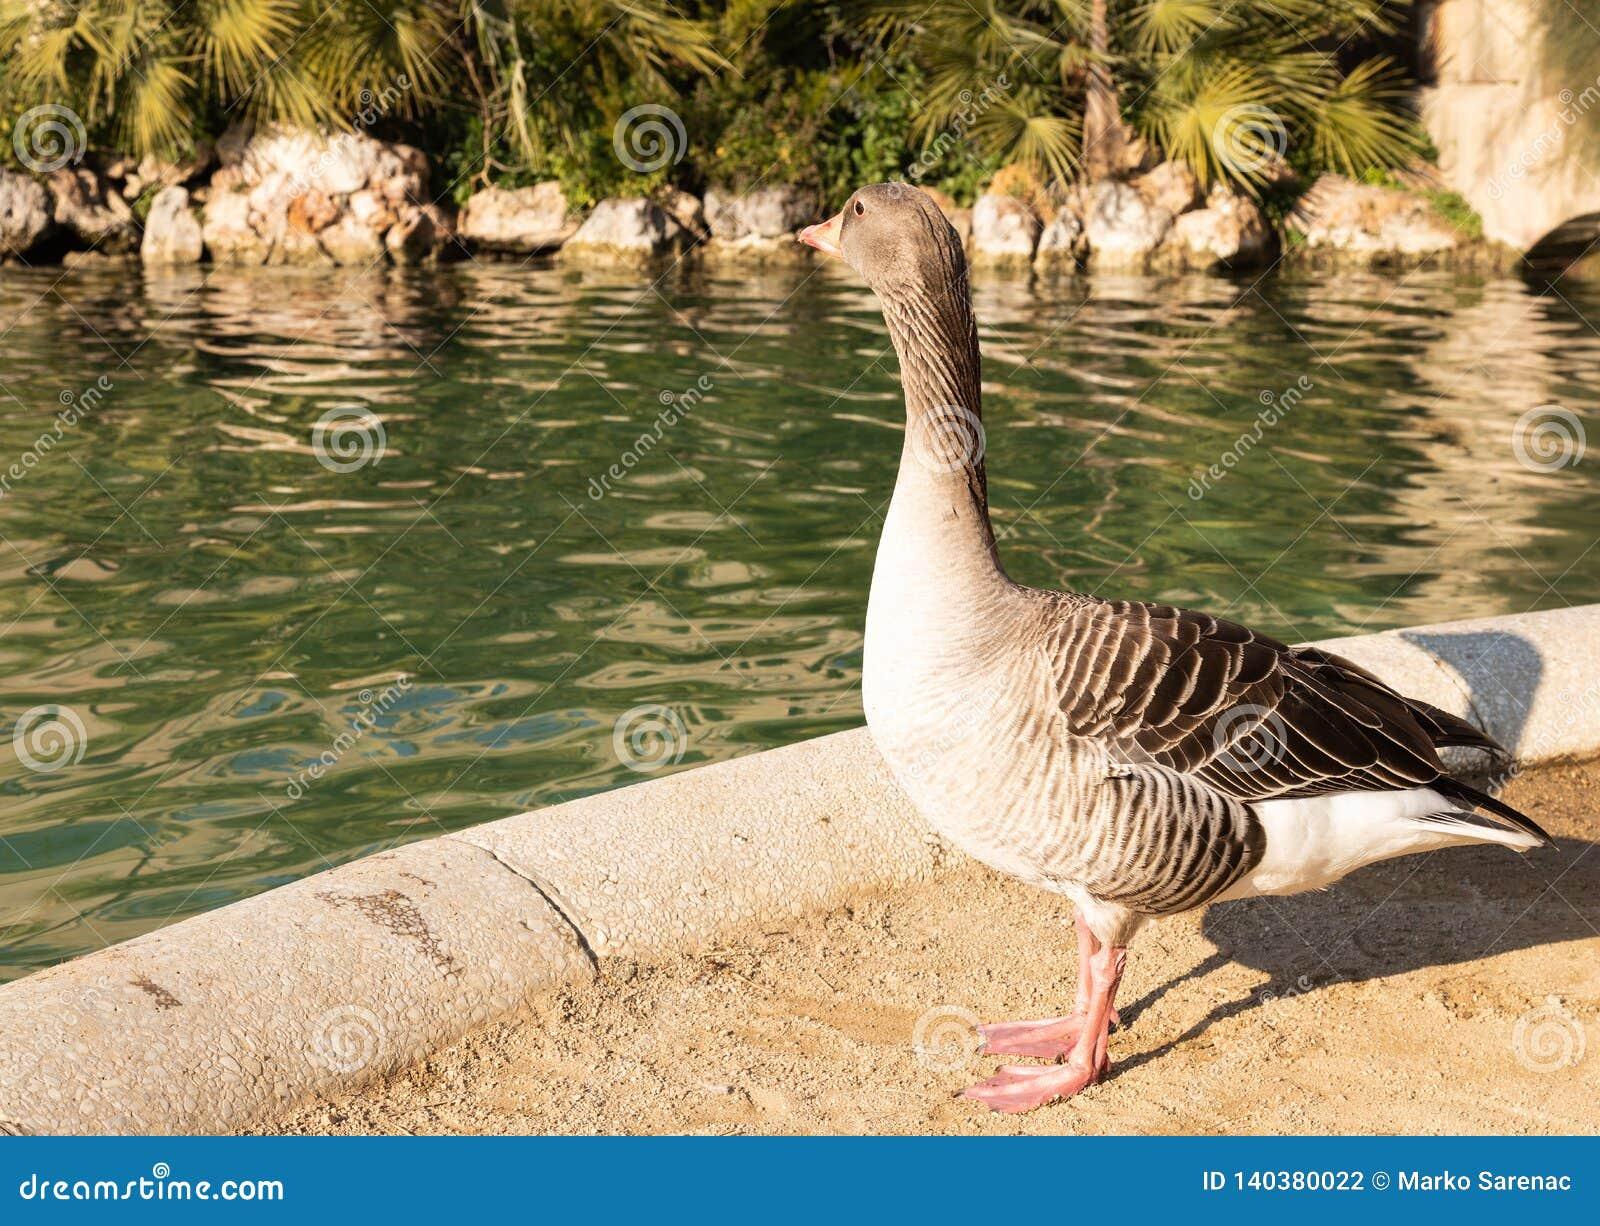 Zwierzę ptak staw Park cytadele Kaczka